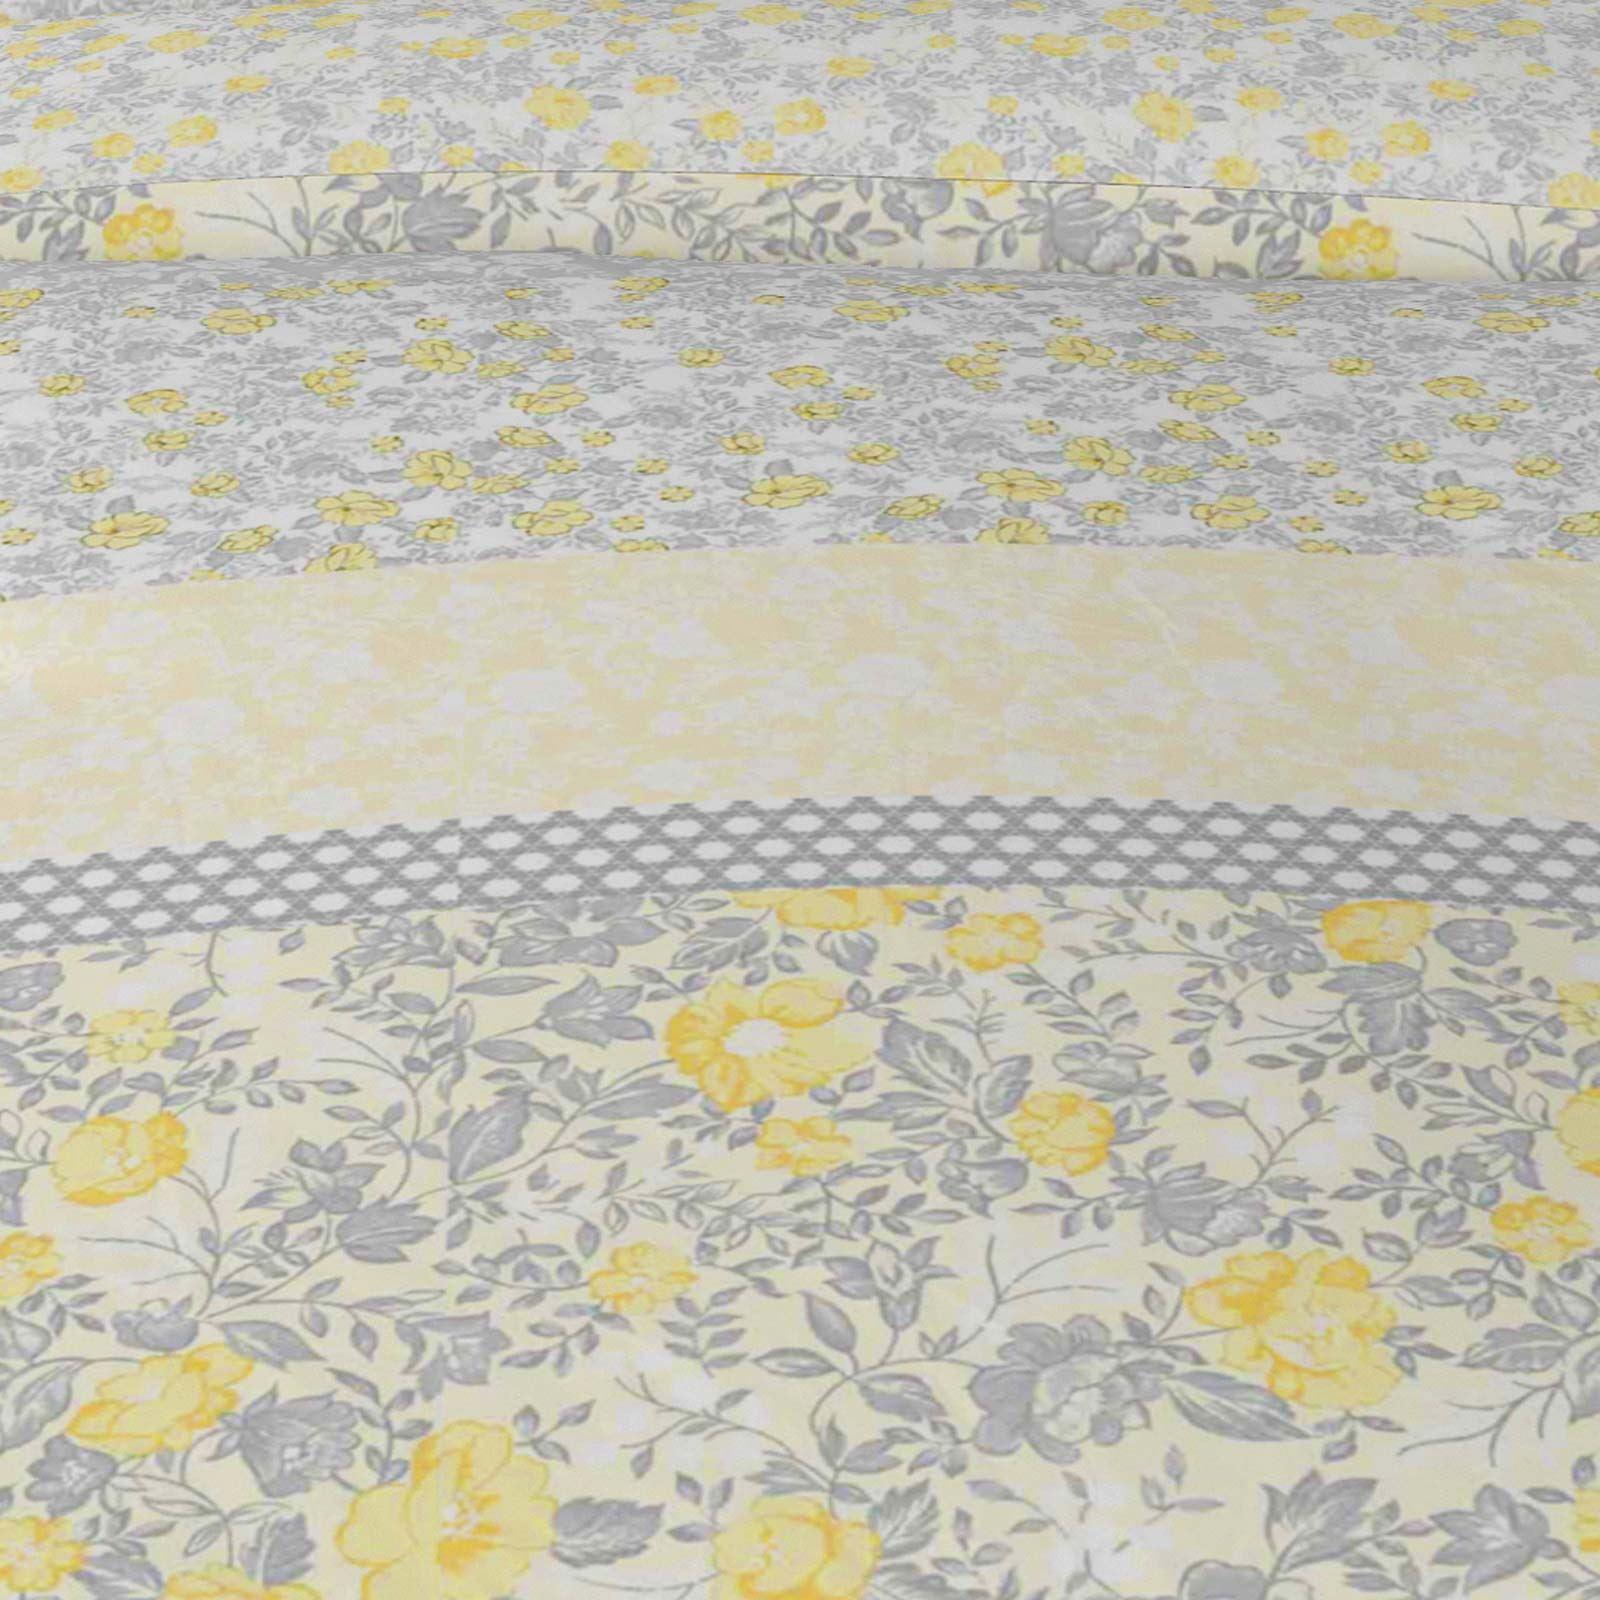 Mostaza-amarillo-ocre-Funda-de-edredon-impreso-Edredon-juego-ropa-de-cama-cubre-conjuntos miniatura 19